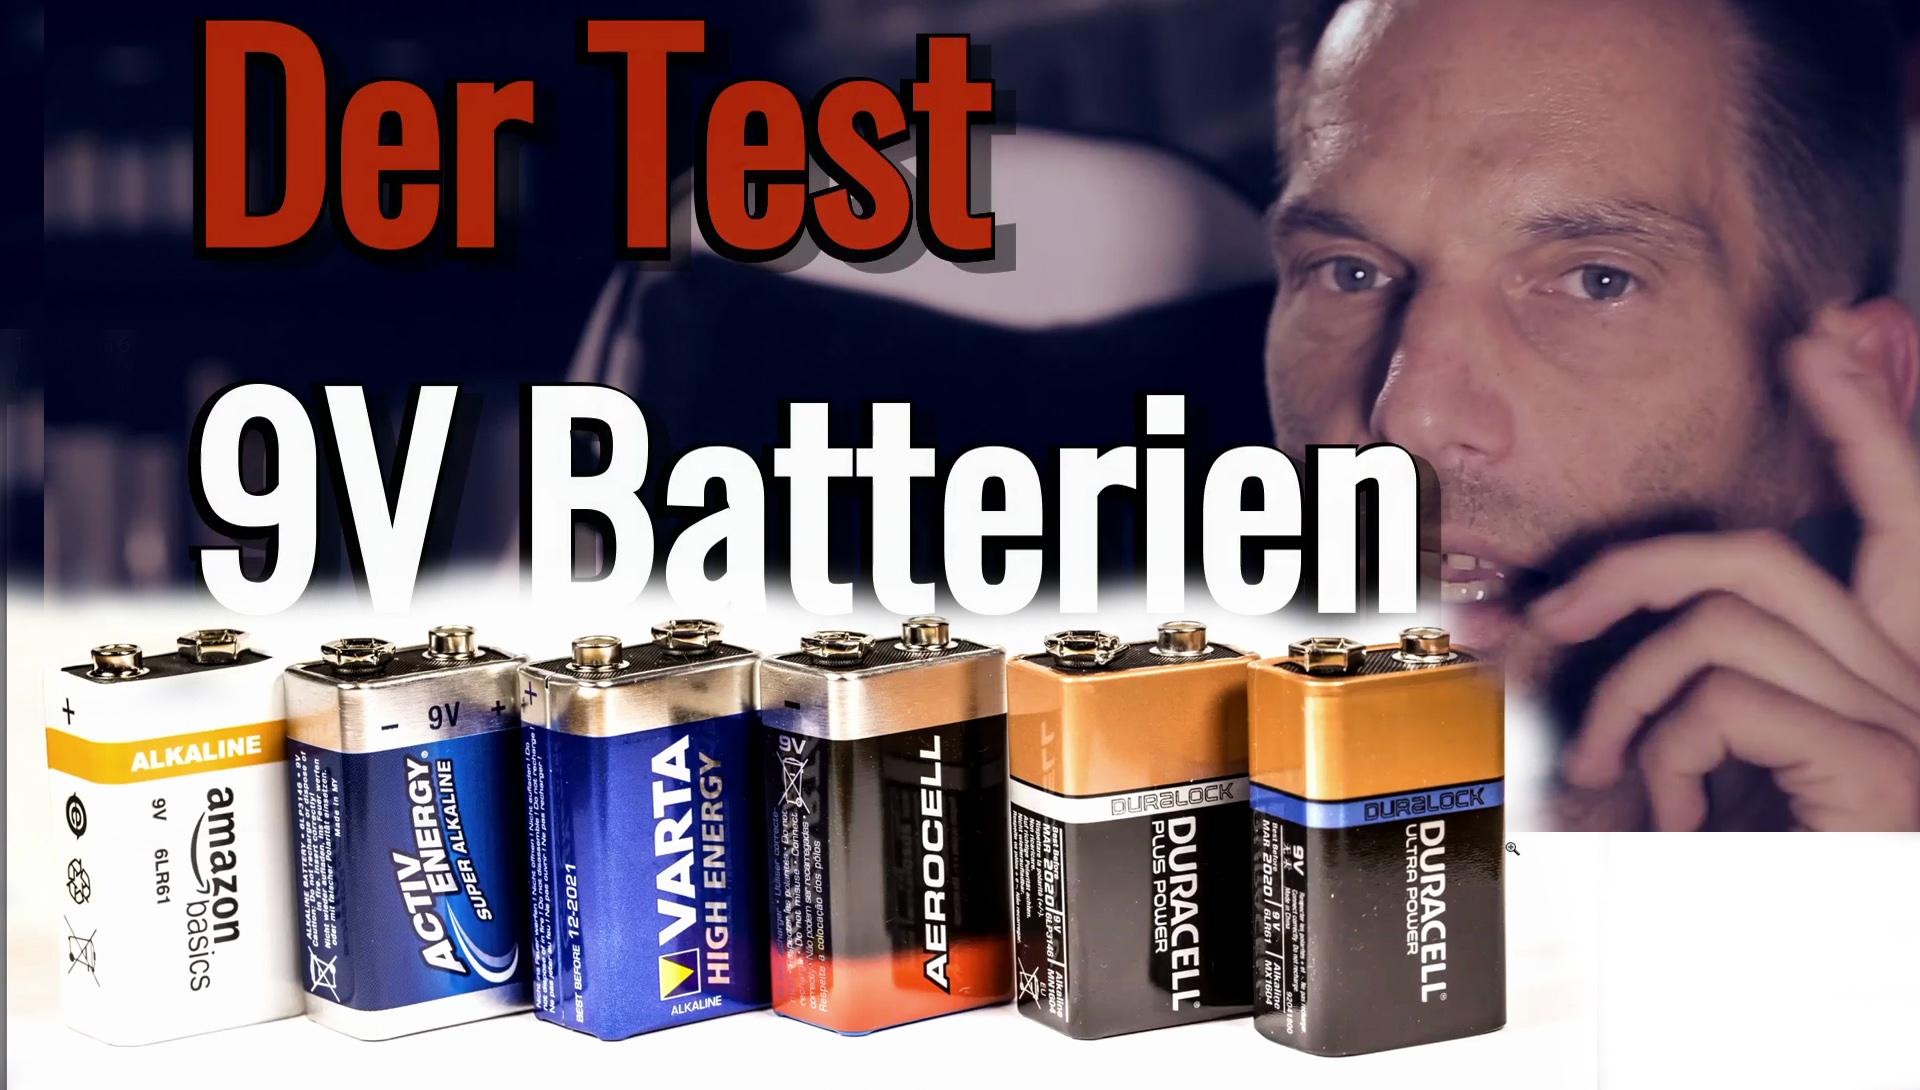 Einer der aufwändigsten Tests: 9V Batterien